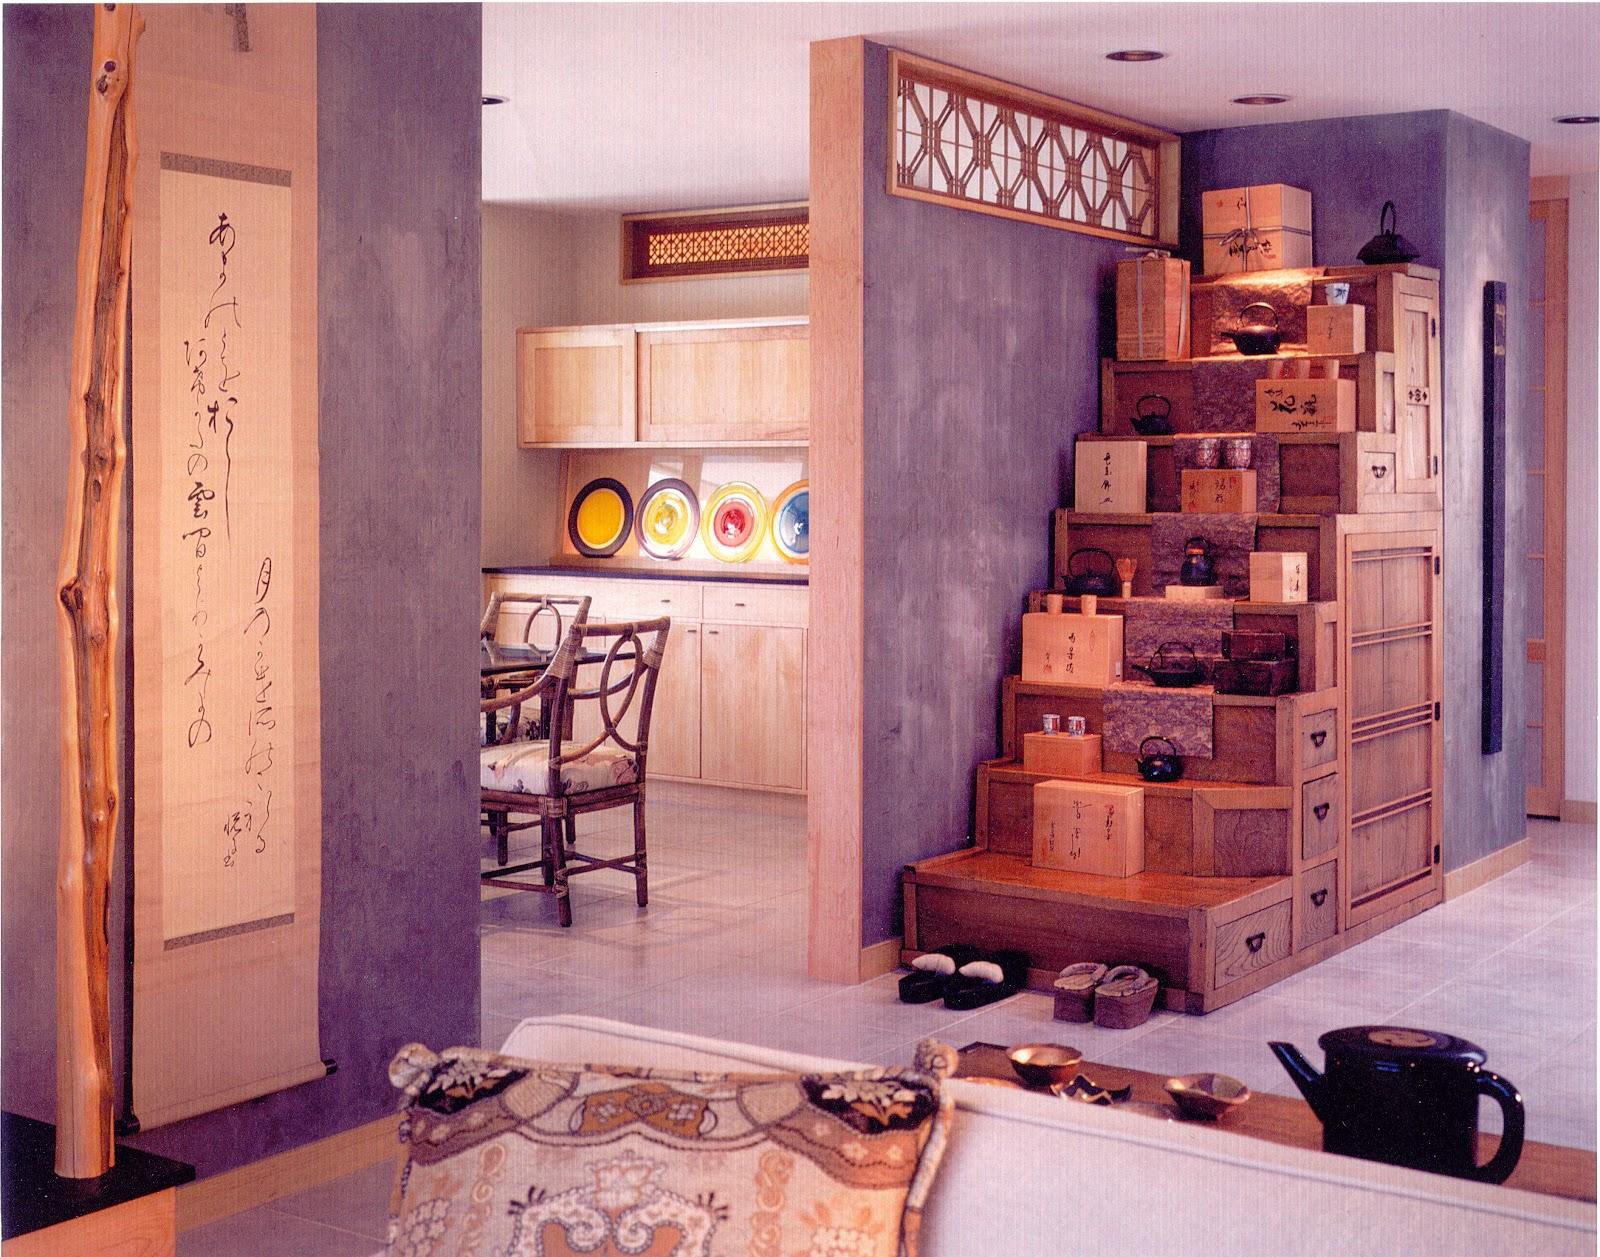 Orientalische wohnideen schlafzimmer – midir